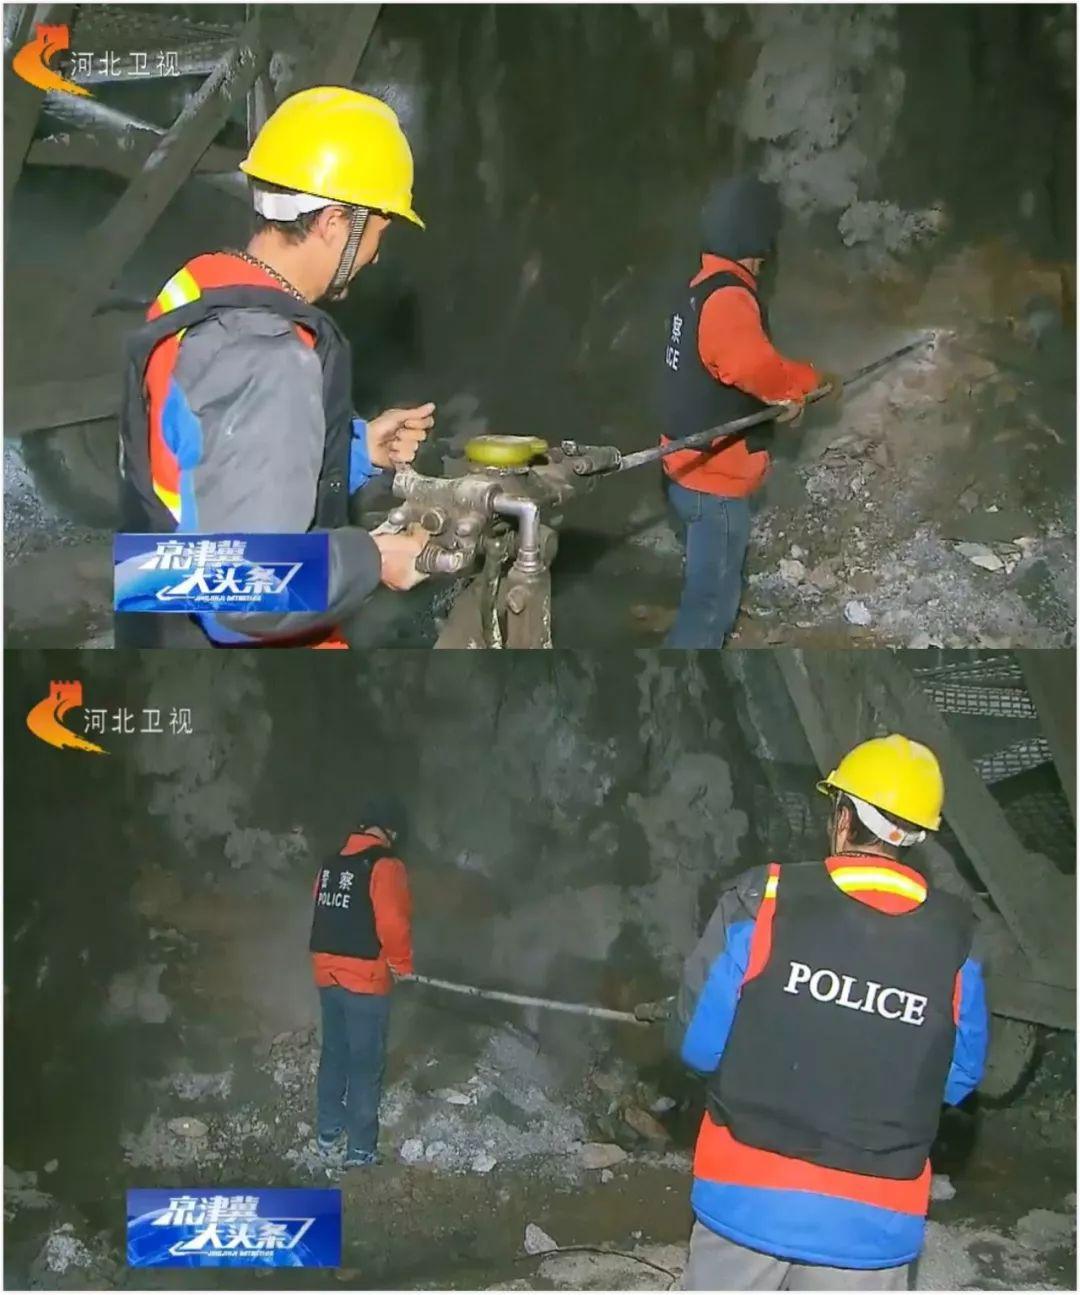 ▲施工人员正在进行钻爆(河北卫视报道截图)